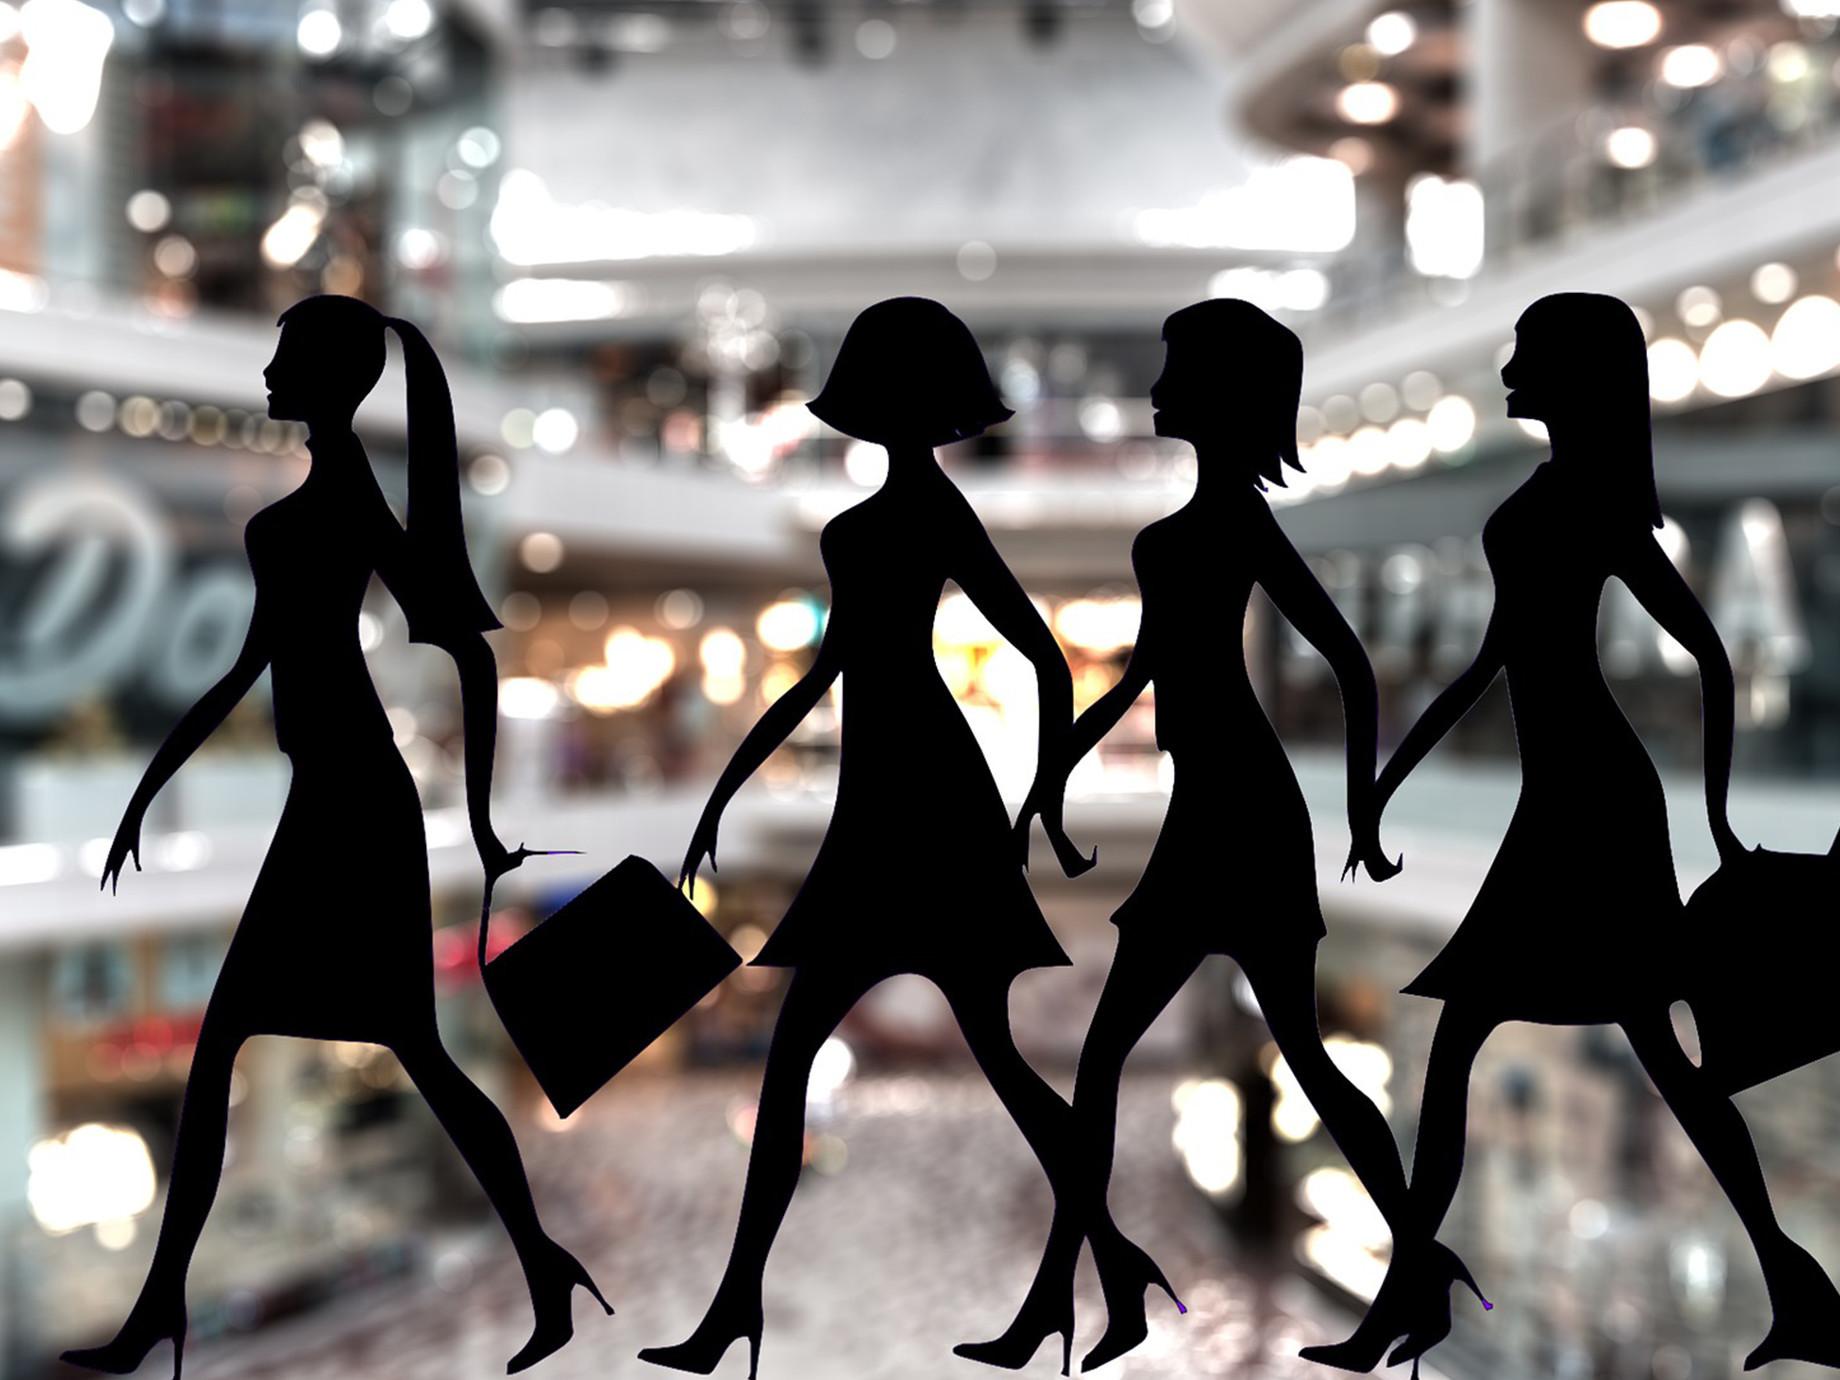 大數據:女性消費高出男性2成,一銀搶推女力卡